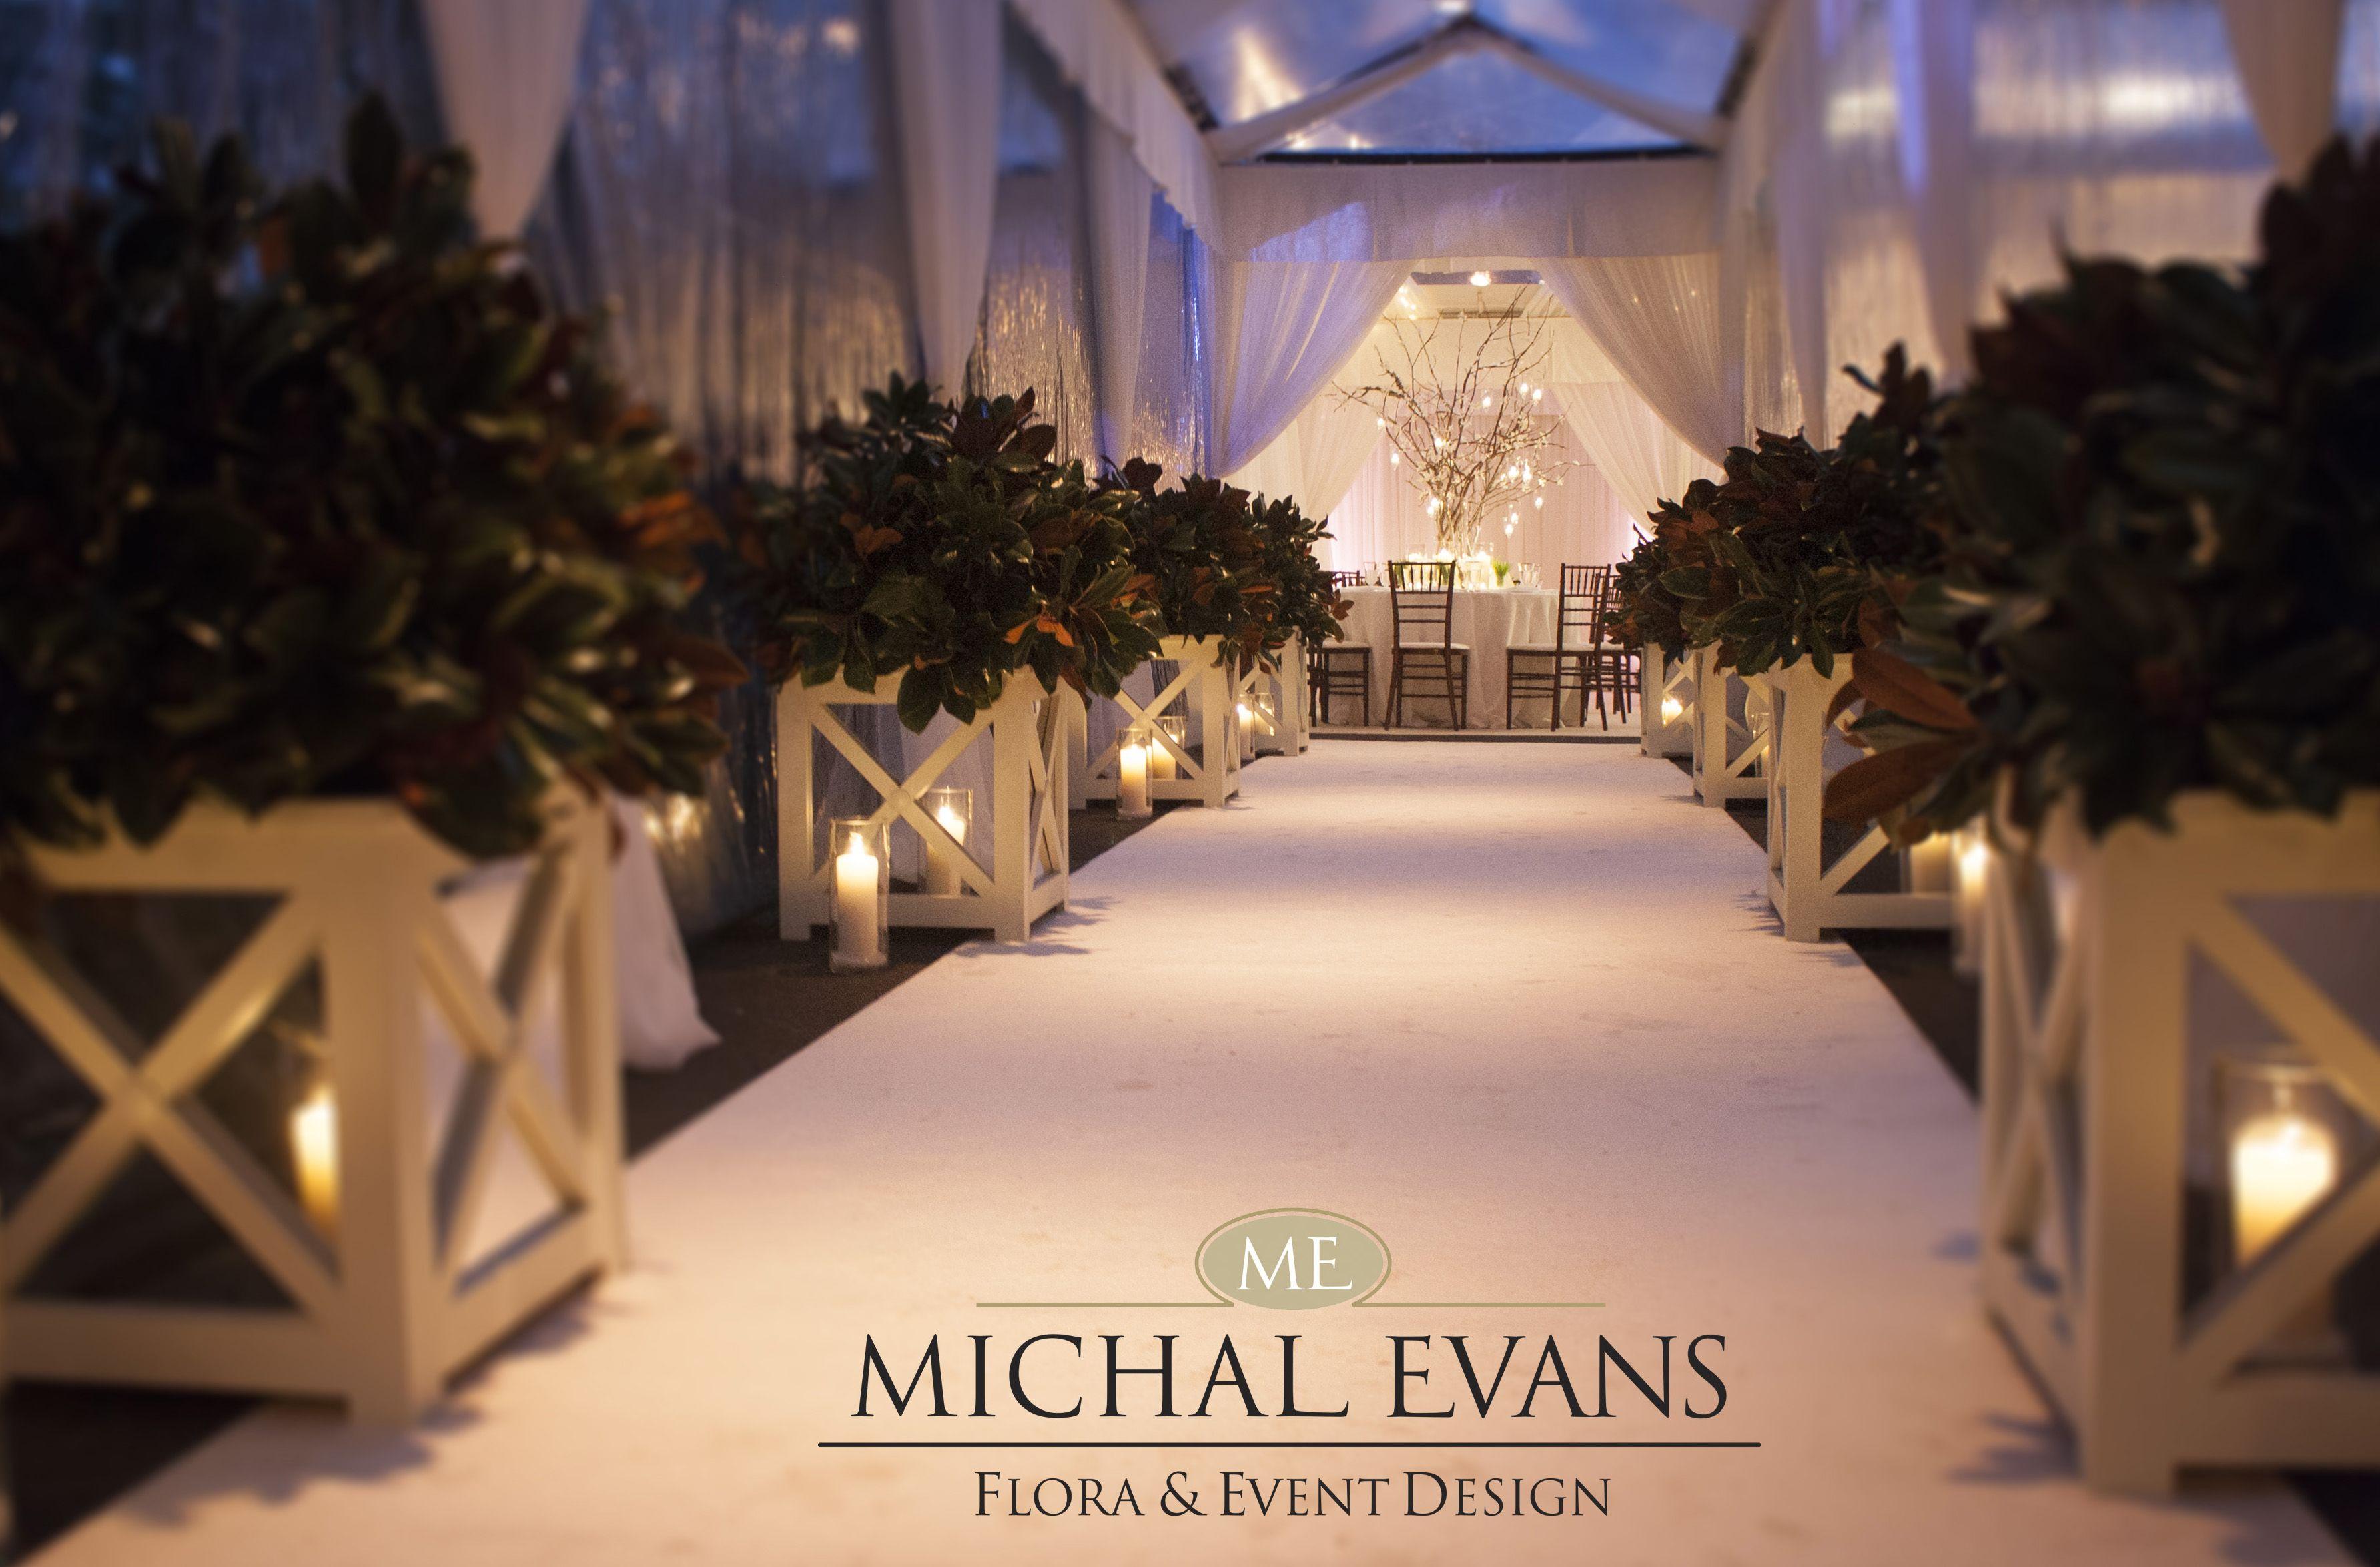 Atlanta floral event design event design floral